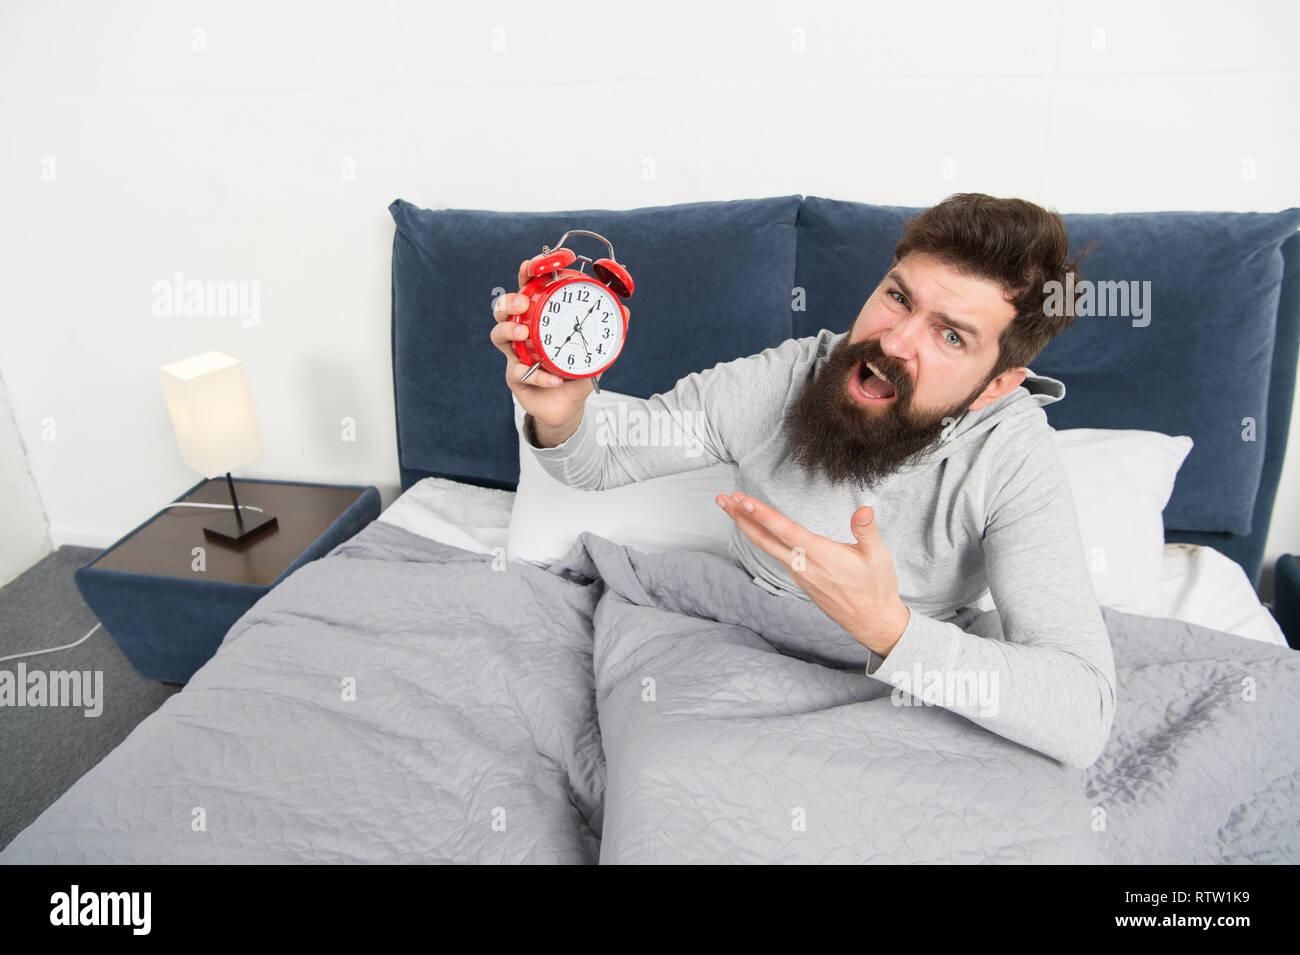 Levantarse temprano. Consejos para levantarse temprano. El hombre barbado hipster cara soñolienta de despertarse. Programación diaria para el estilo de vida saludable. Reloj alarma sonando. Odio ese ruido. Problema con despertar temprano por la mañana. Imagen De Stock